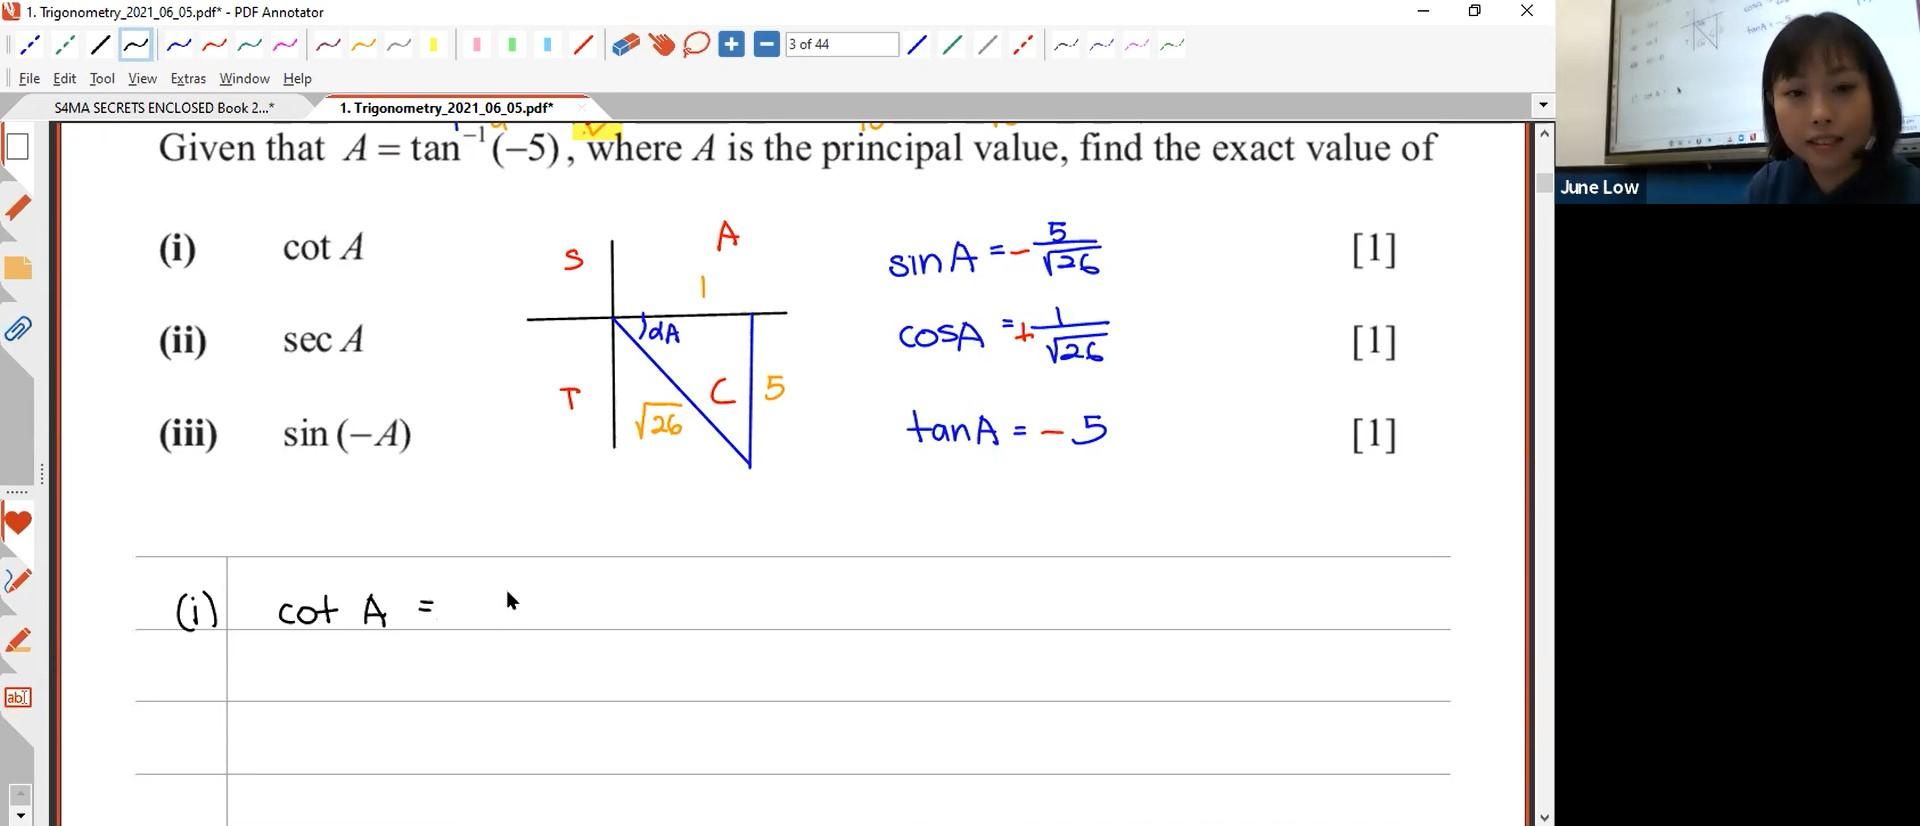 [TRIGO] Trigonometry Ratios